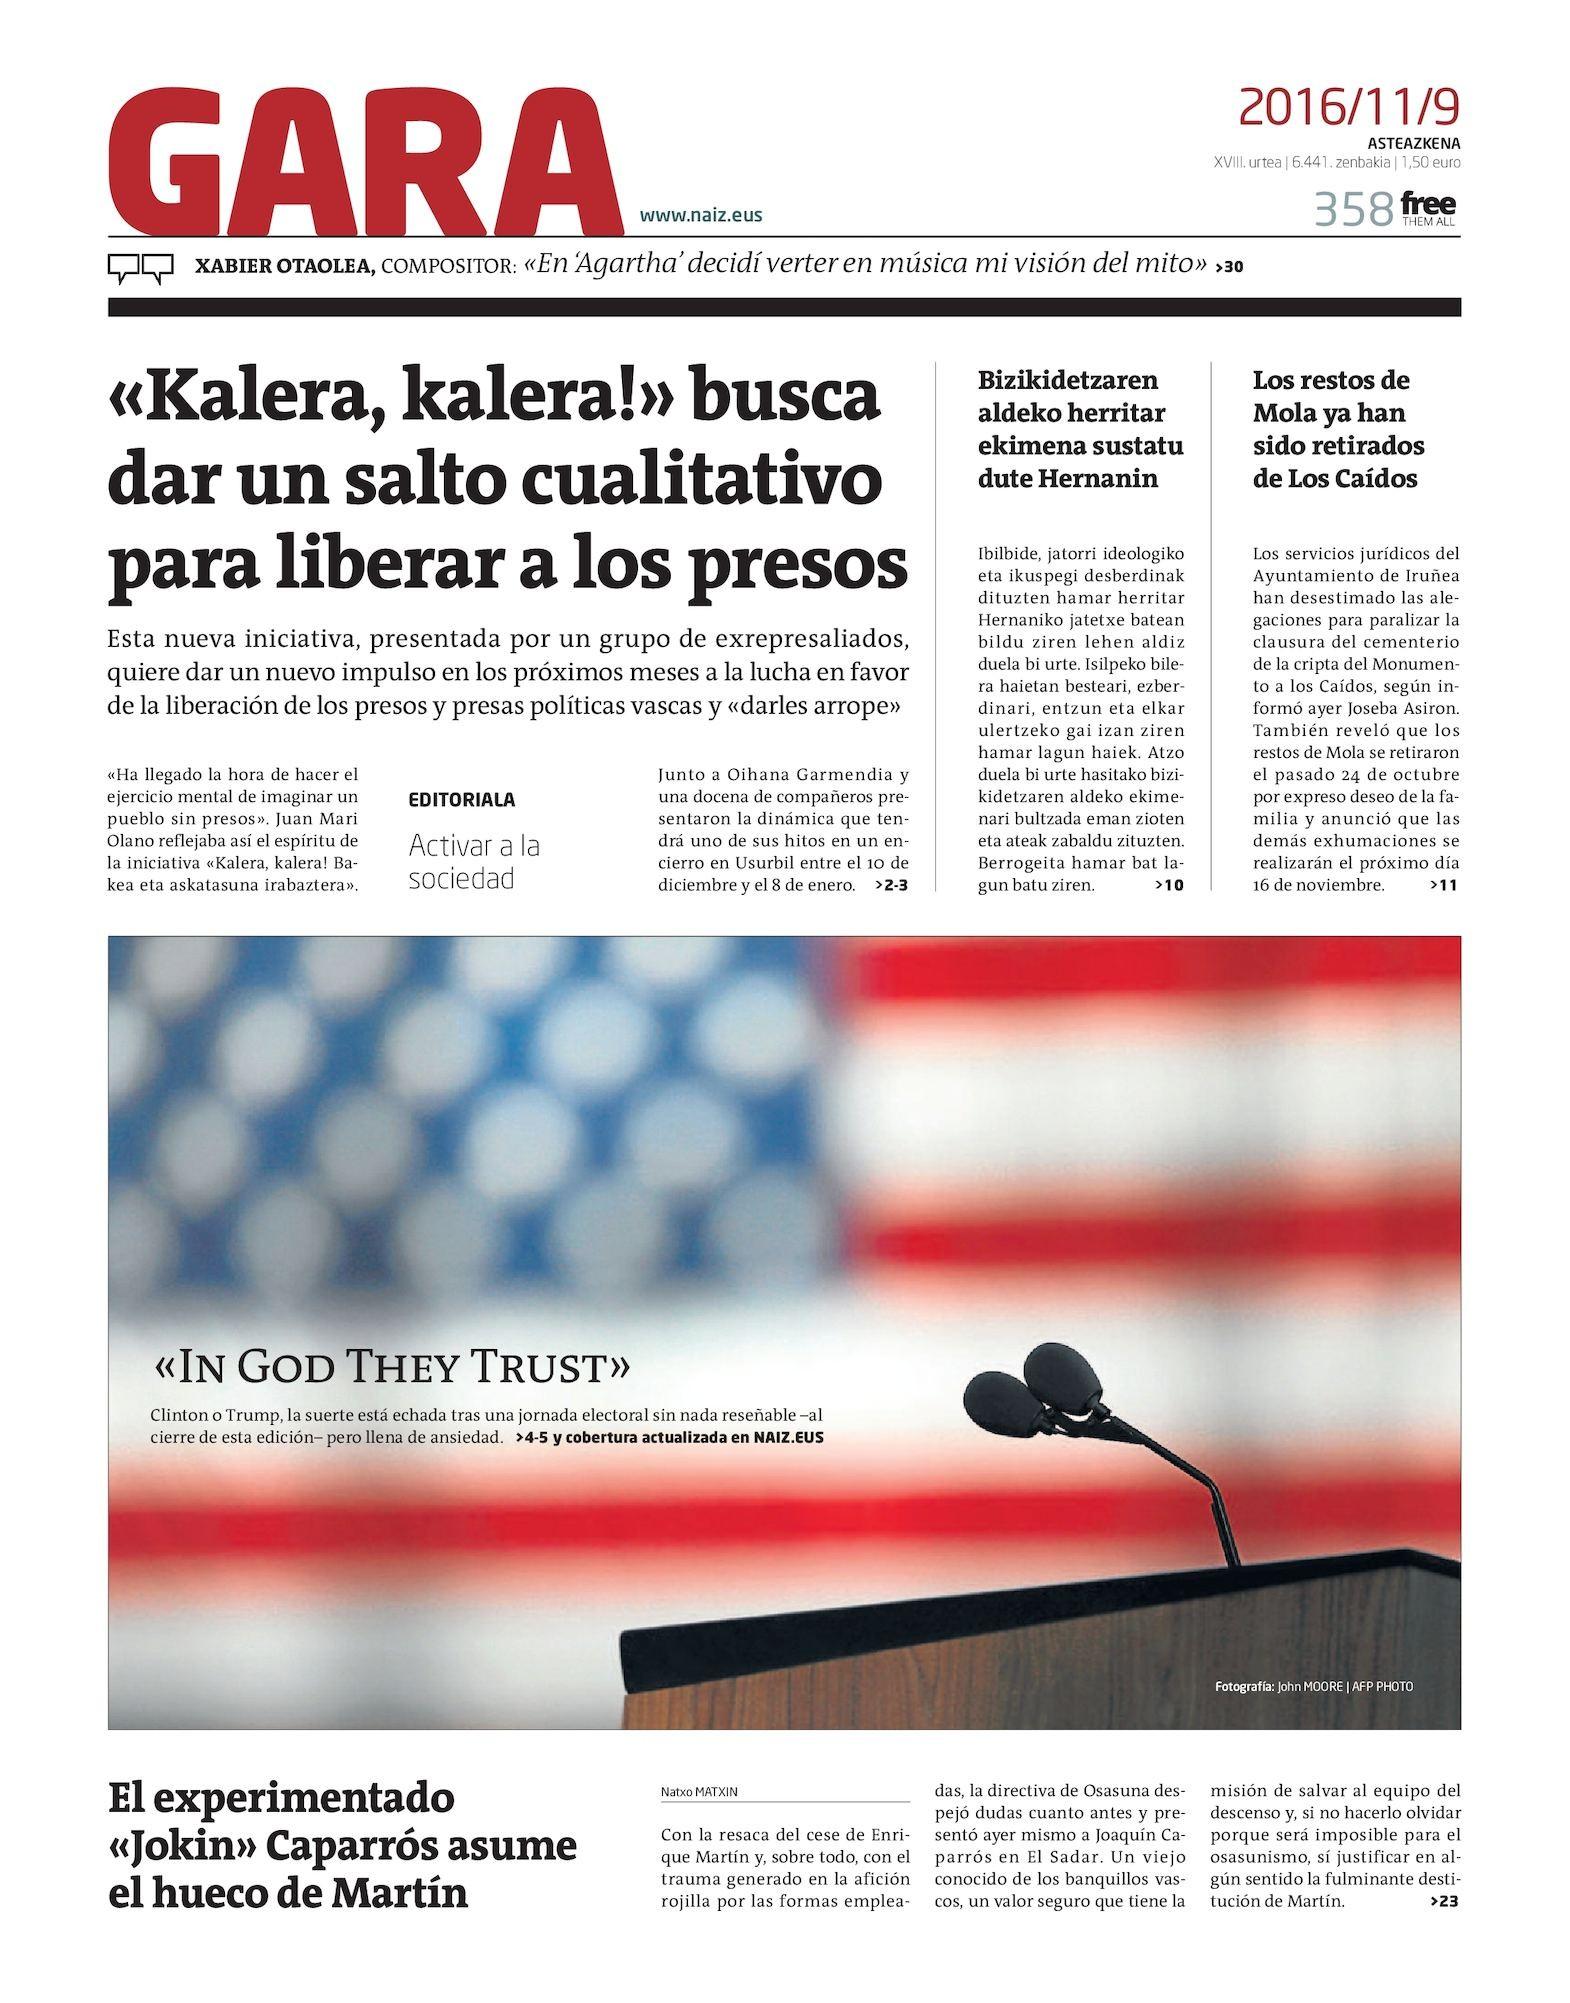 Calendario Festivo 2019 andalucia Más Actual Calaméo Gara Of Calendario Festivo 2019 andalucia Actual Boe Documento Consolidado Boe A 2018 9268